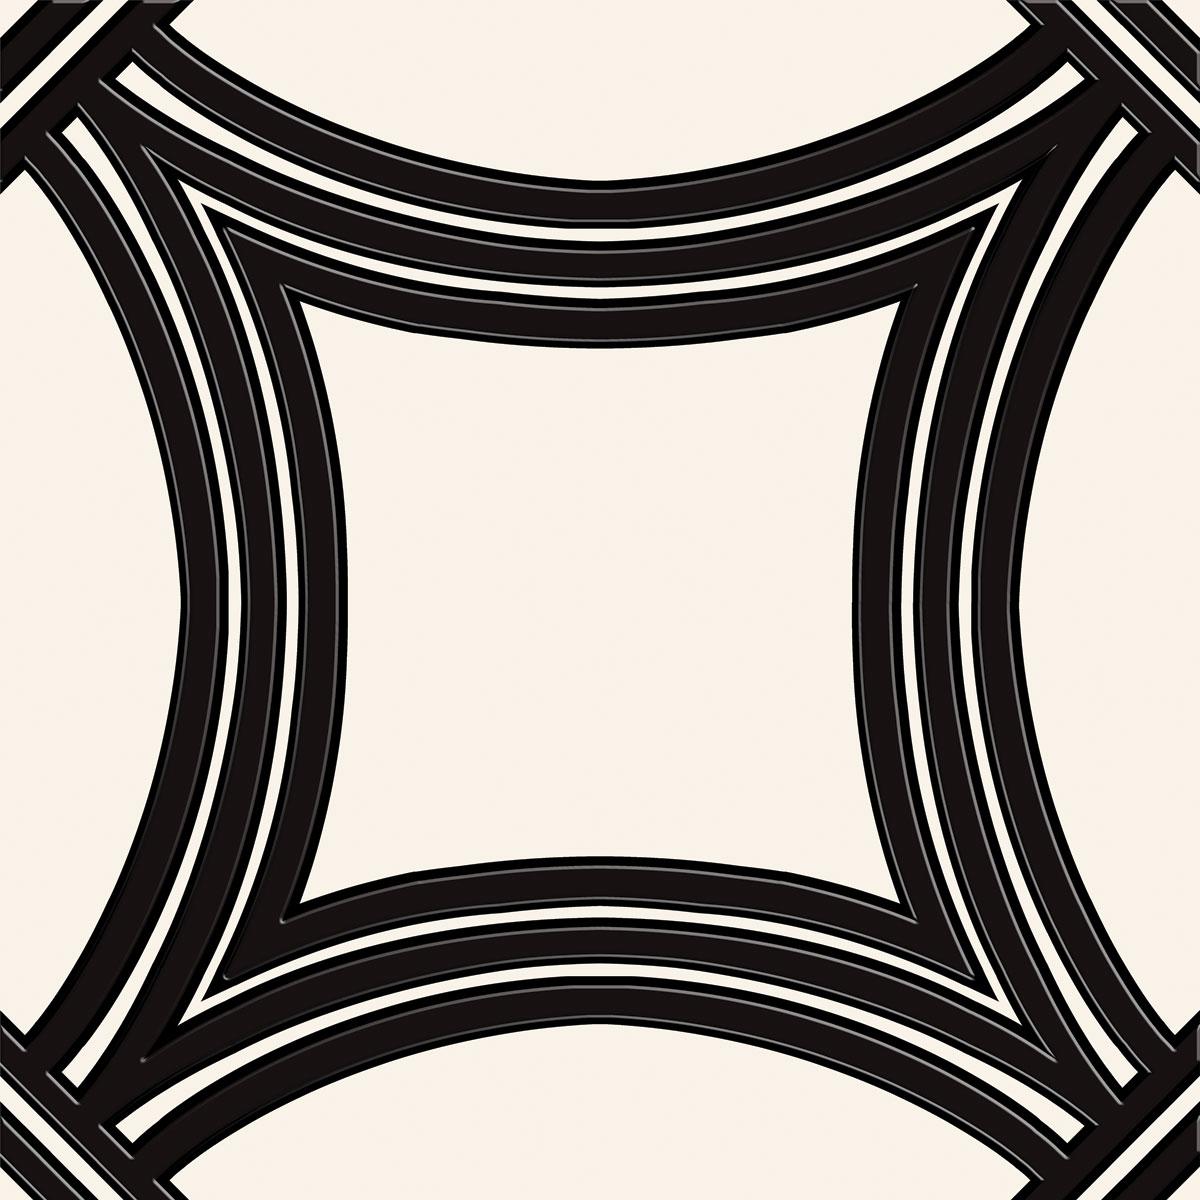 Signorino: 2. Black on White